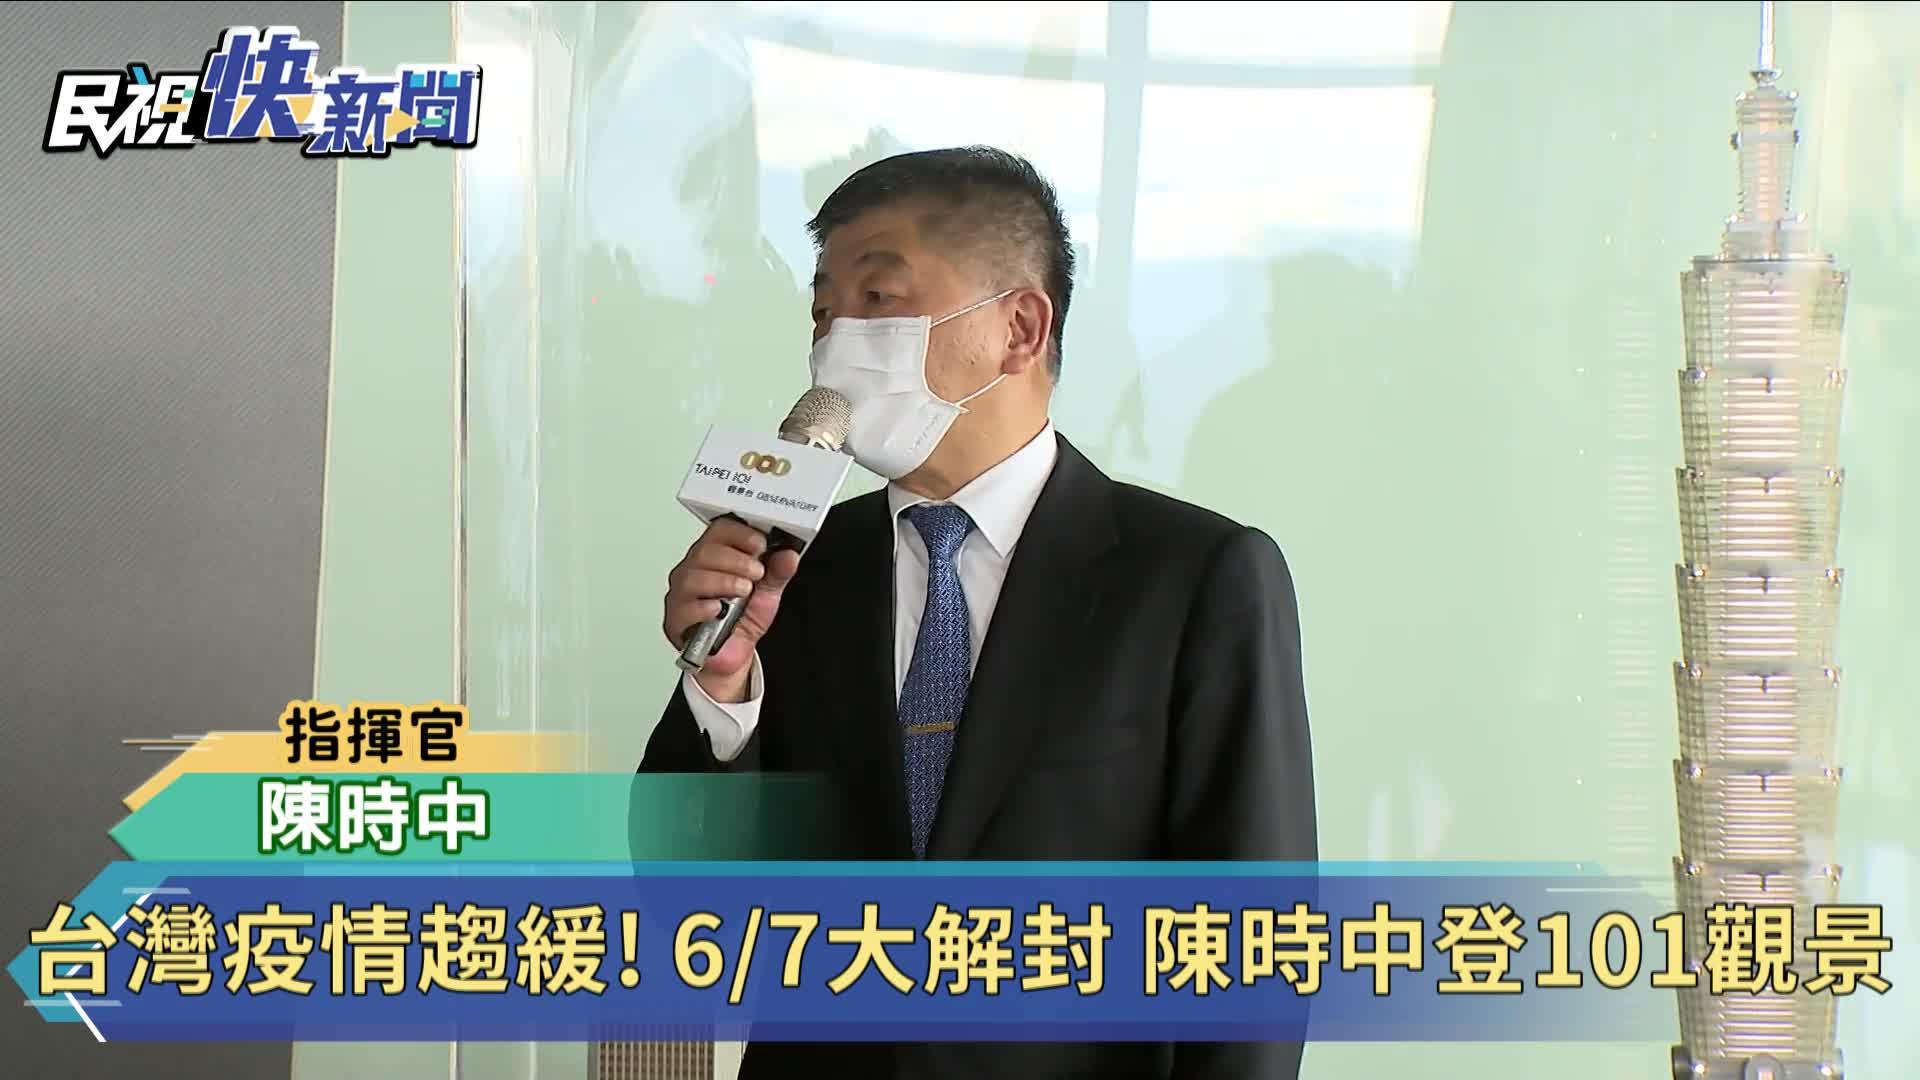 快新聞/解封首日登101觀景台 陳時中遇地震笑自己「眼花?」